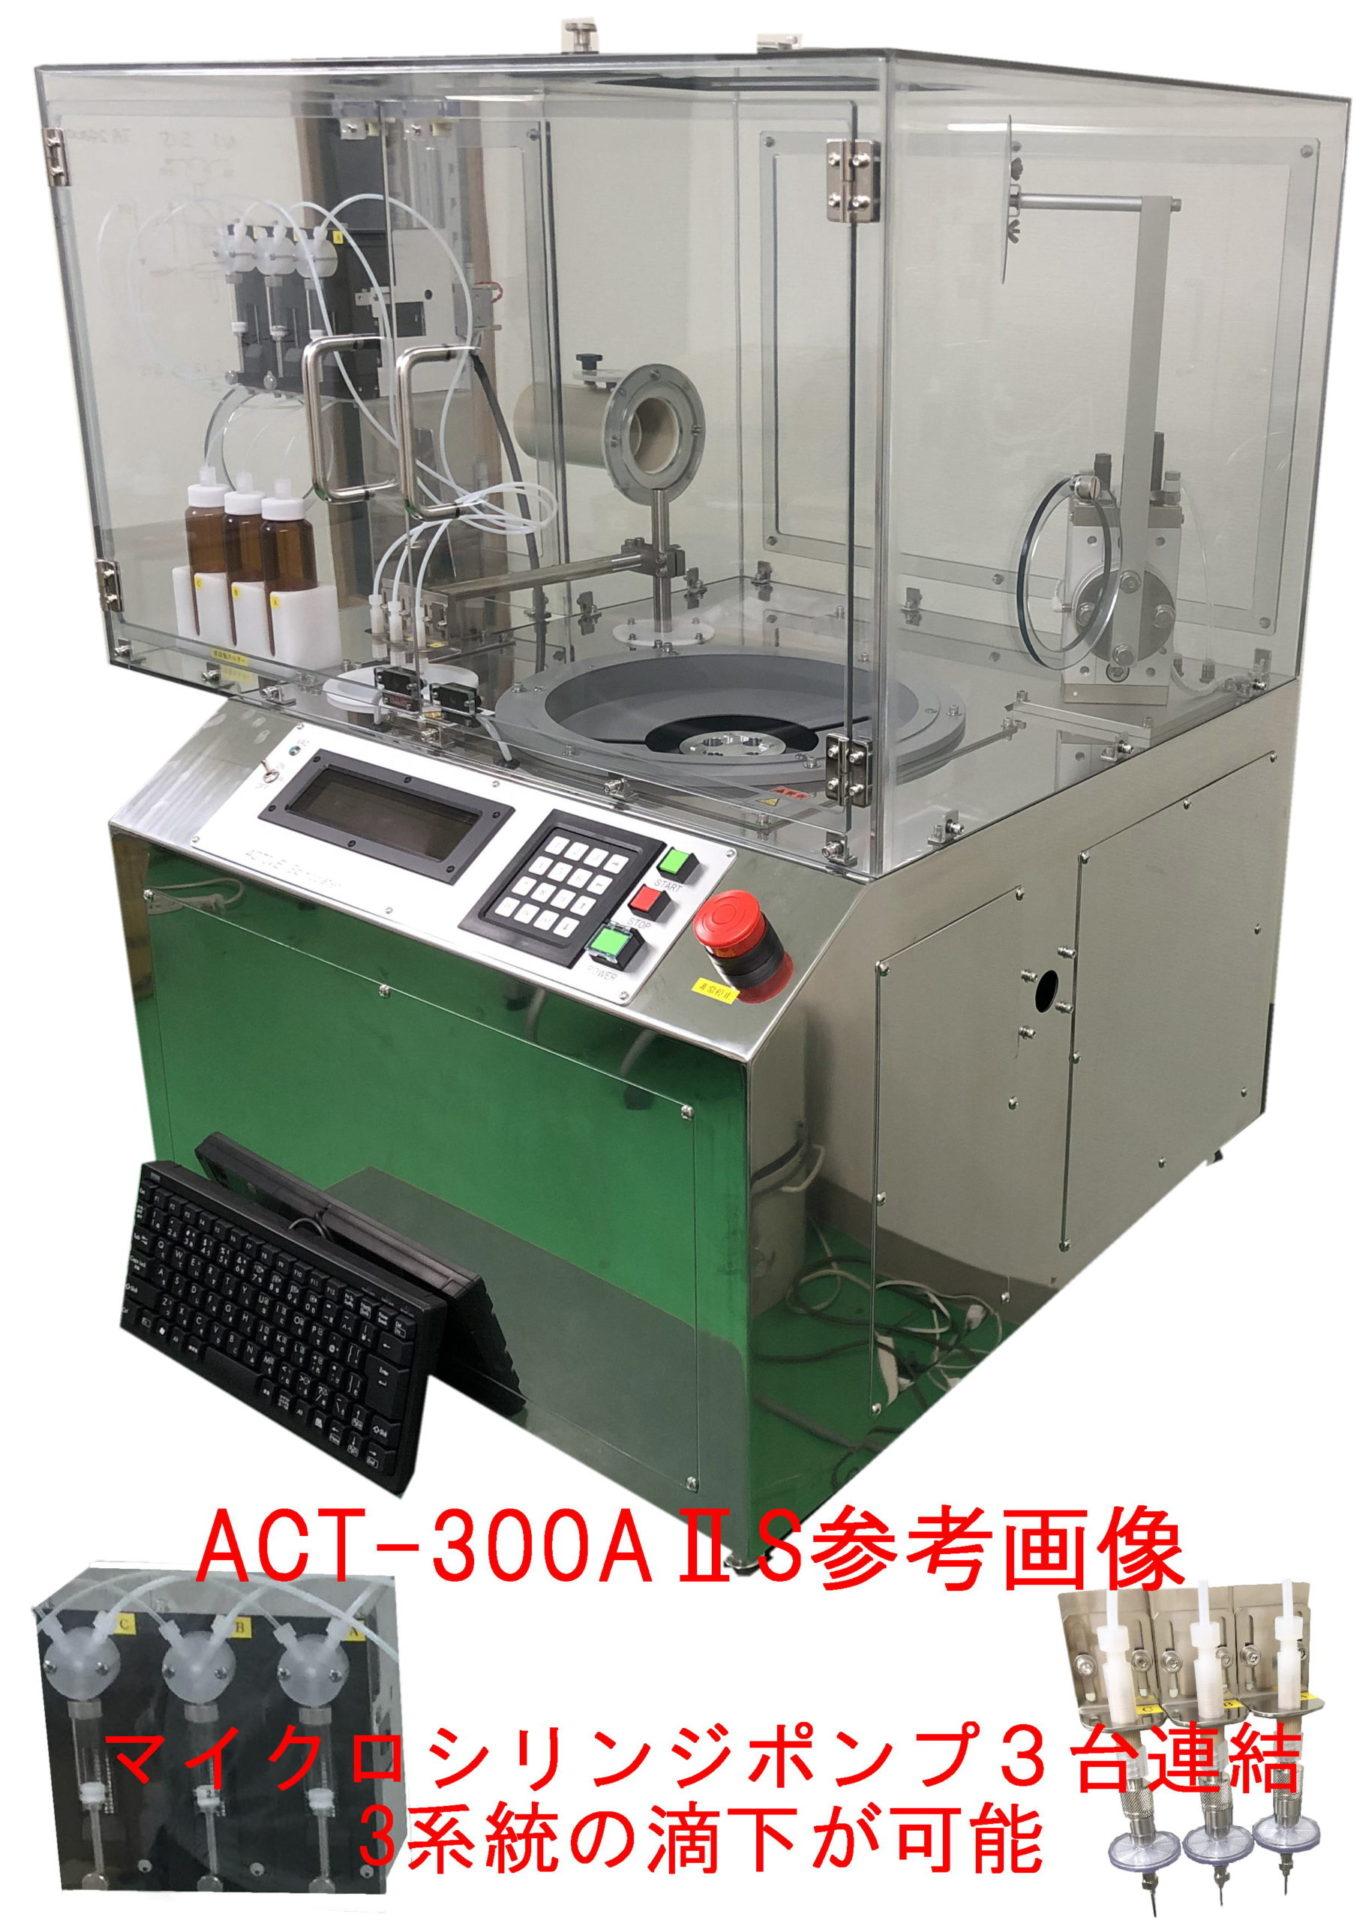 スピンコーター ACT-300AⅡS(~φ150)